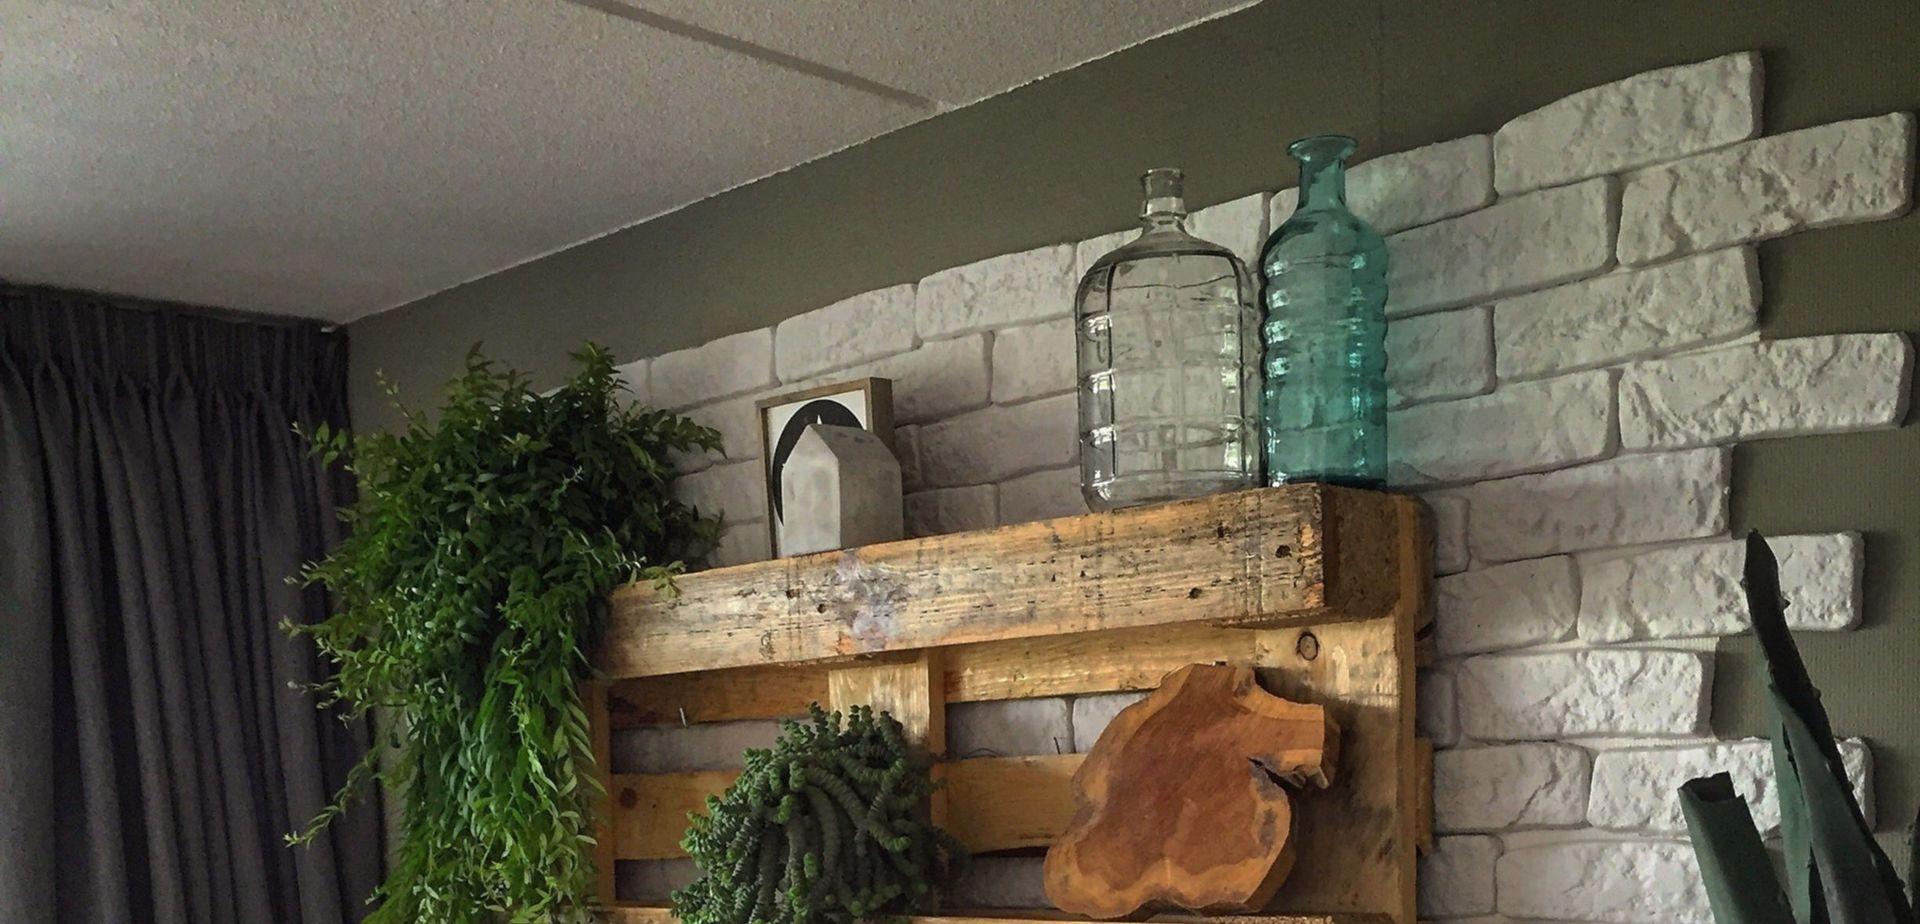 Wanddecoratie pallet | voordemakers.nl